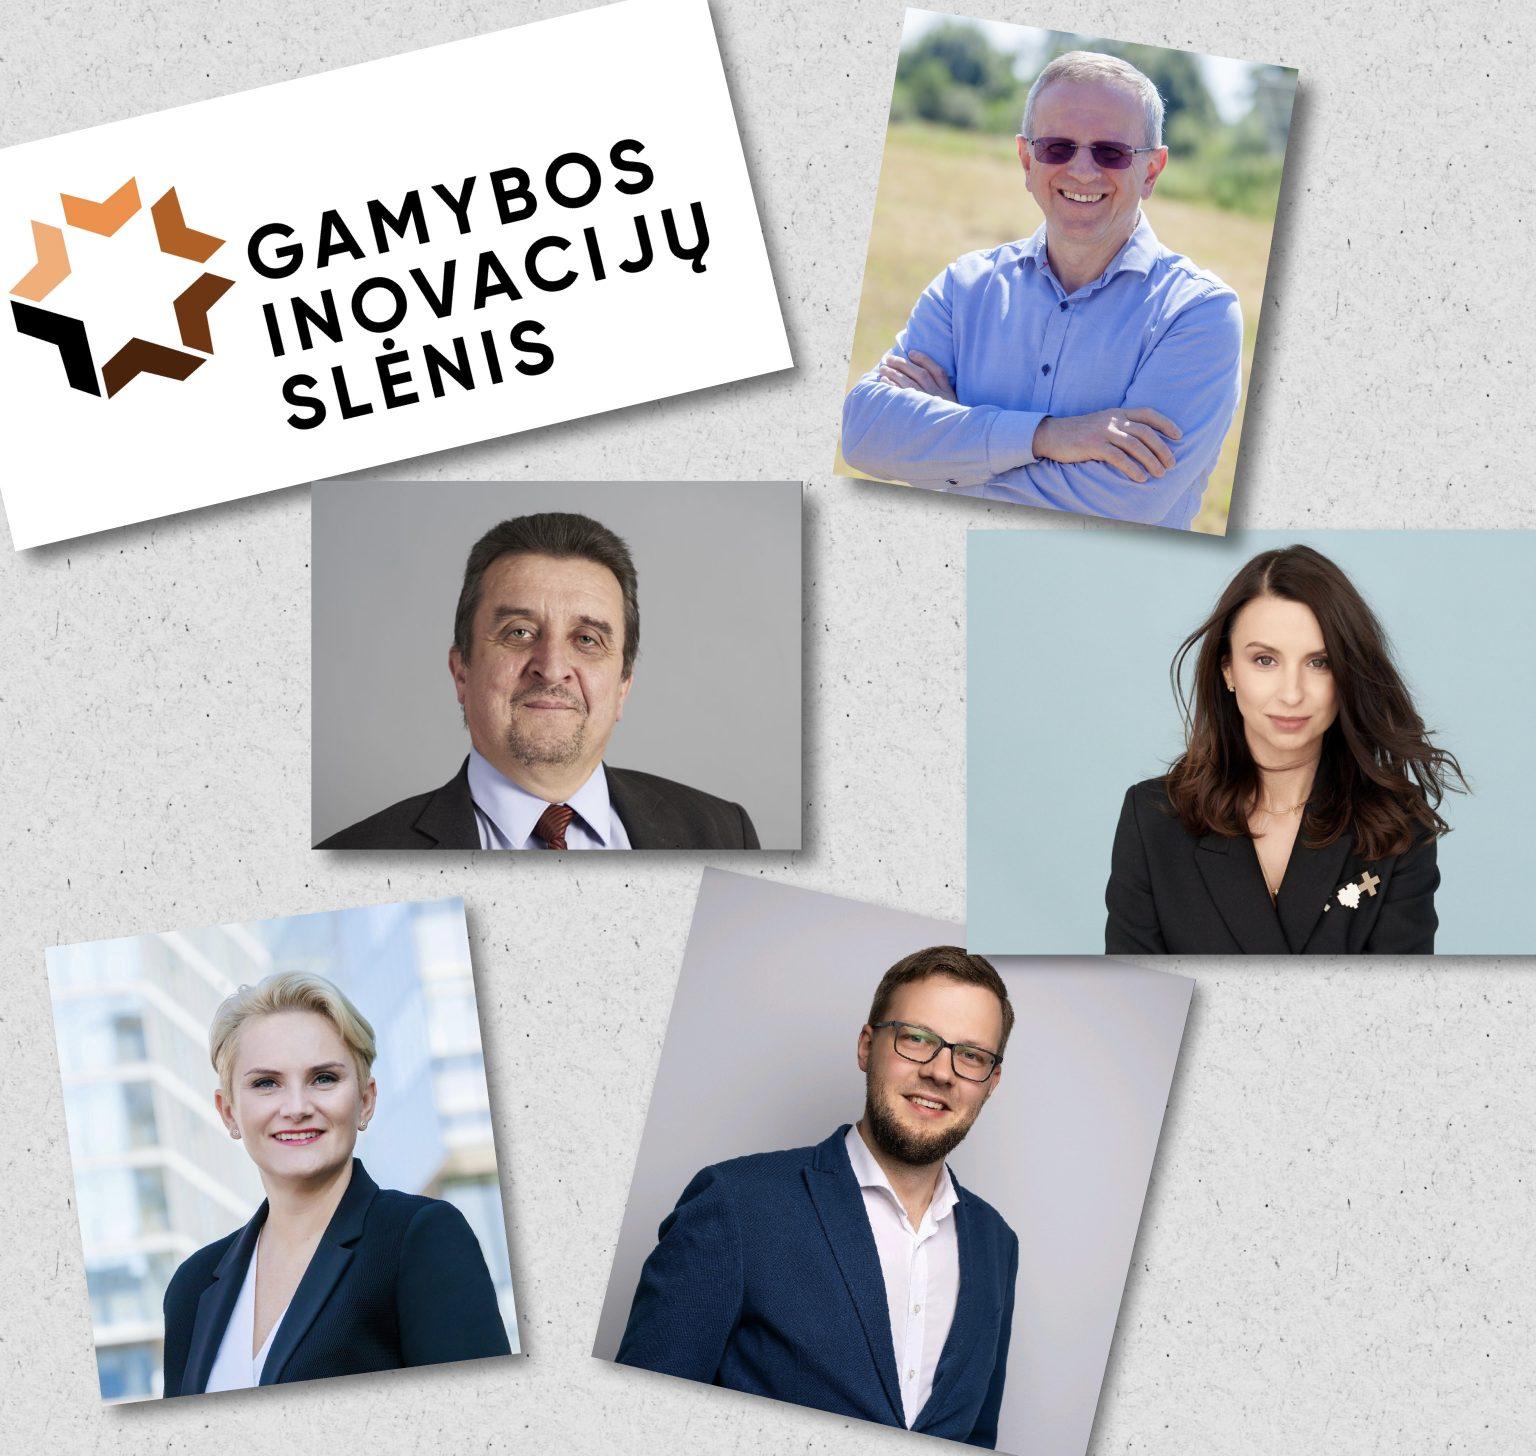 """Kviečiame į vebinarą """"Ką reikia daryti, kad gamybos ir technologijų startuolių Lietuvoje būtų daugiau?"""""""